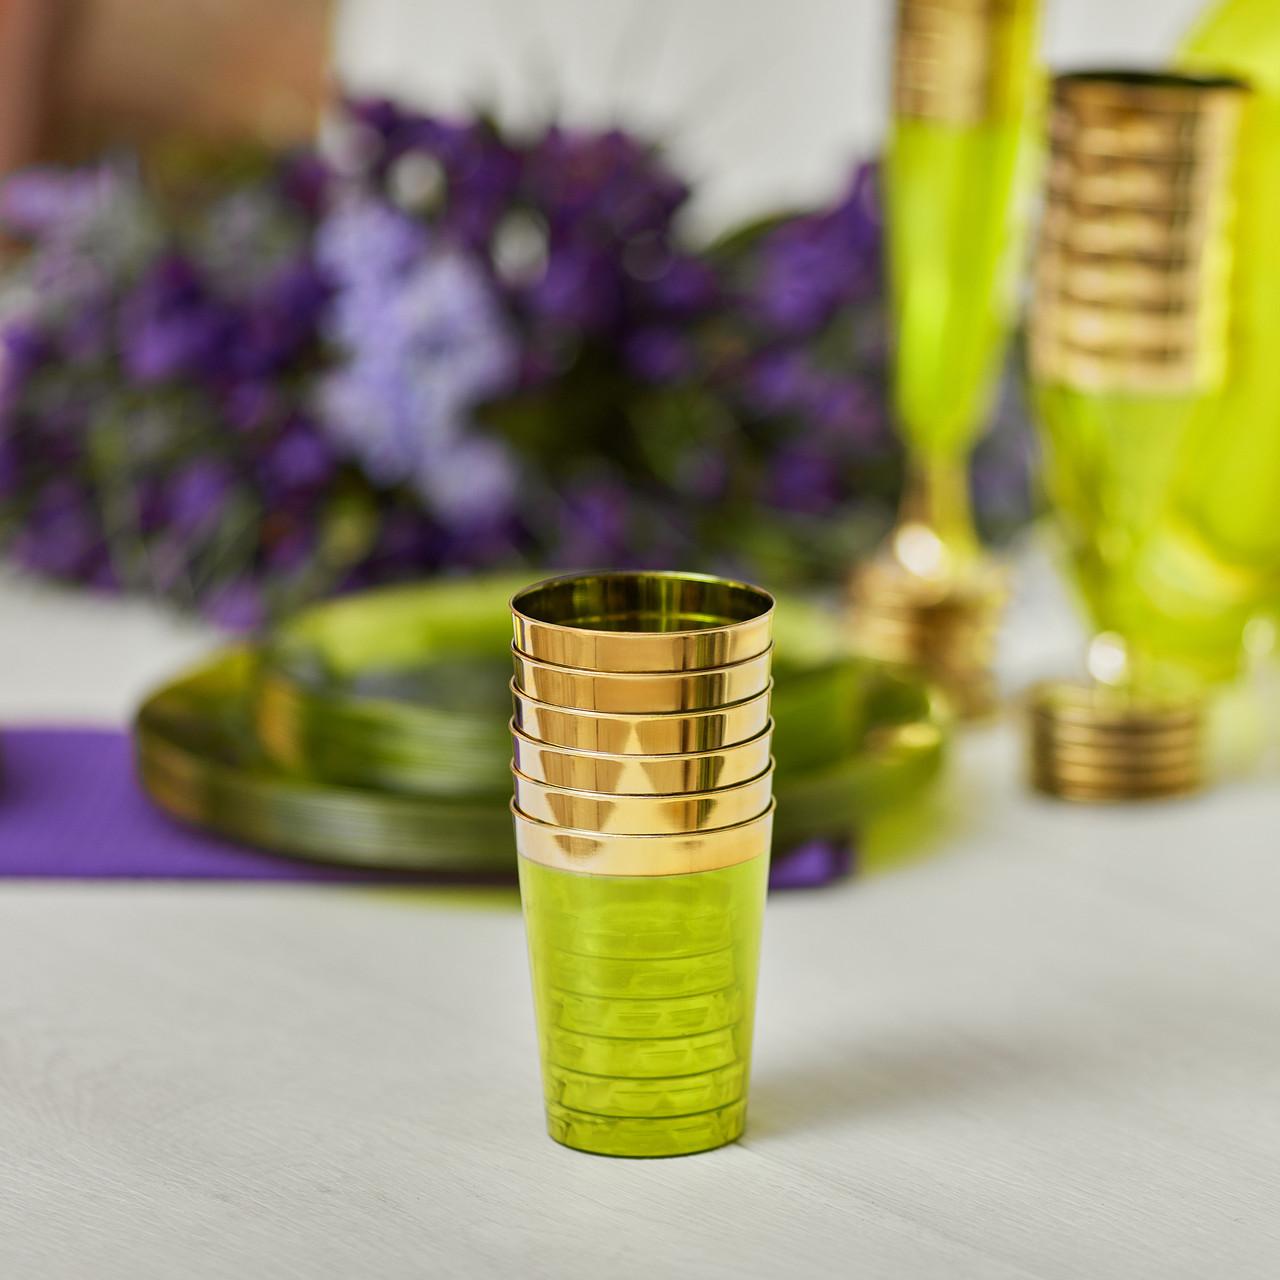 Стаканы одноразовые 6 шт 220 мл оптом от производителя плотные для ресторанов, кейтеринга  CFP зеленые.